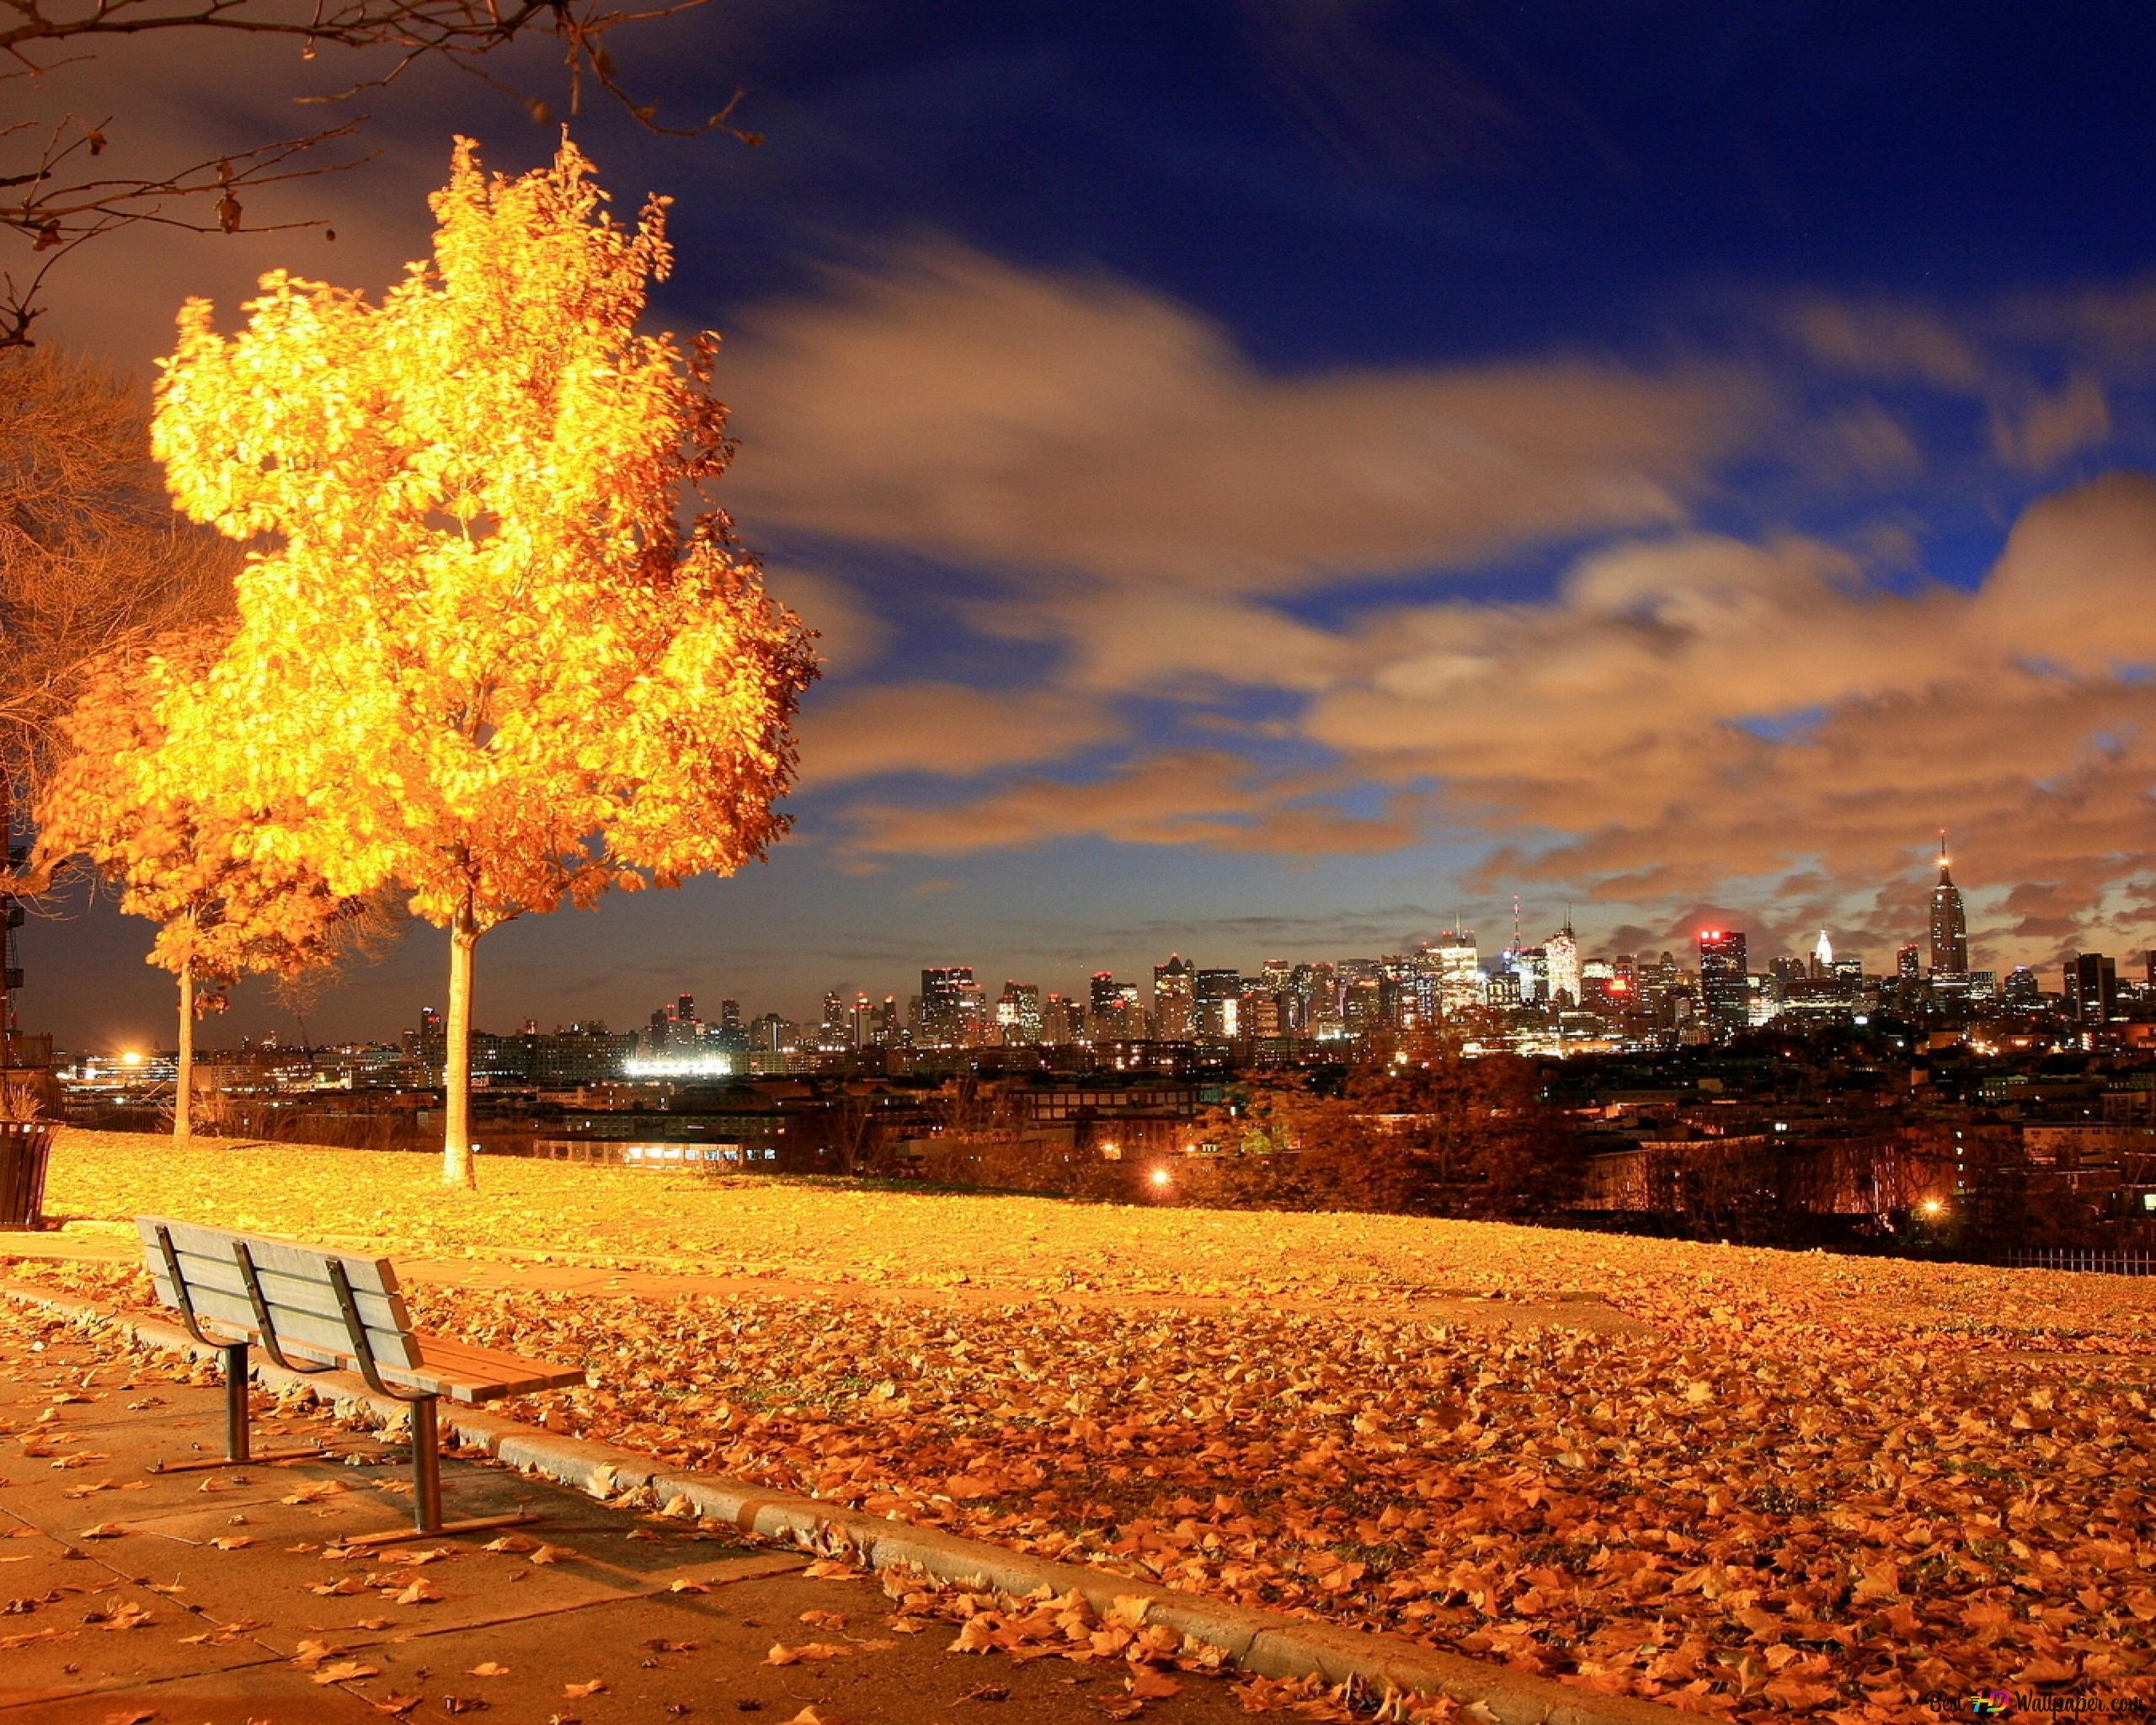 foto de Nature - chute d'automne HD fond d'écran télécharger